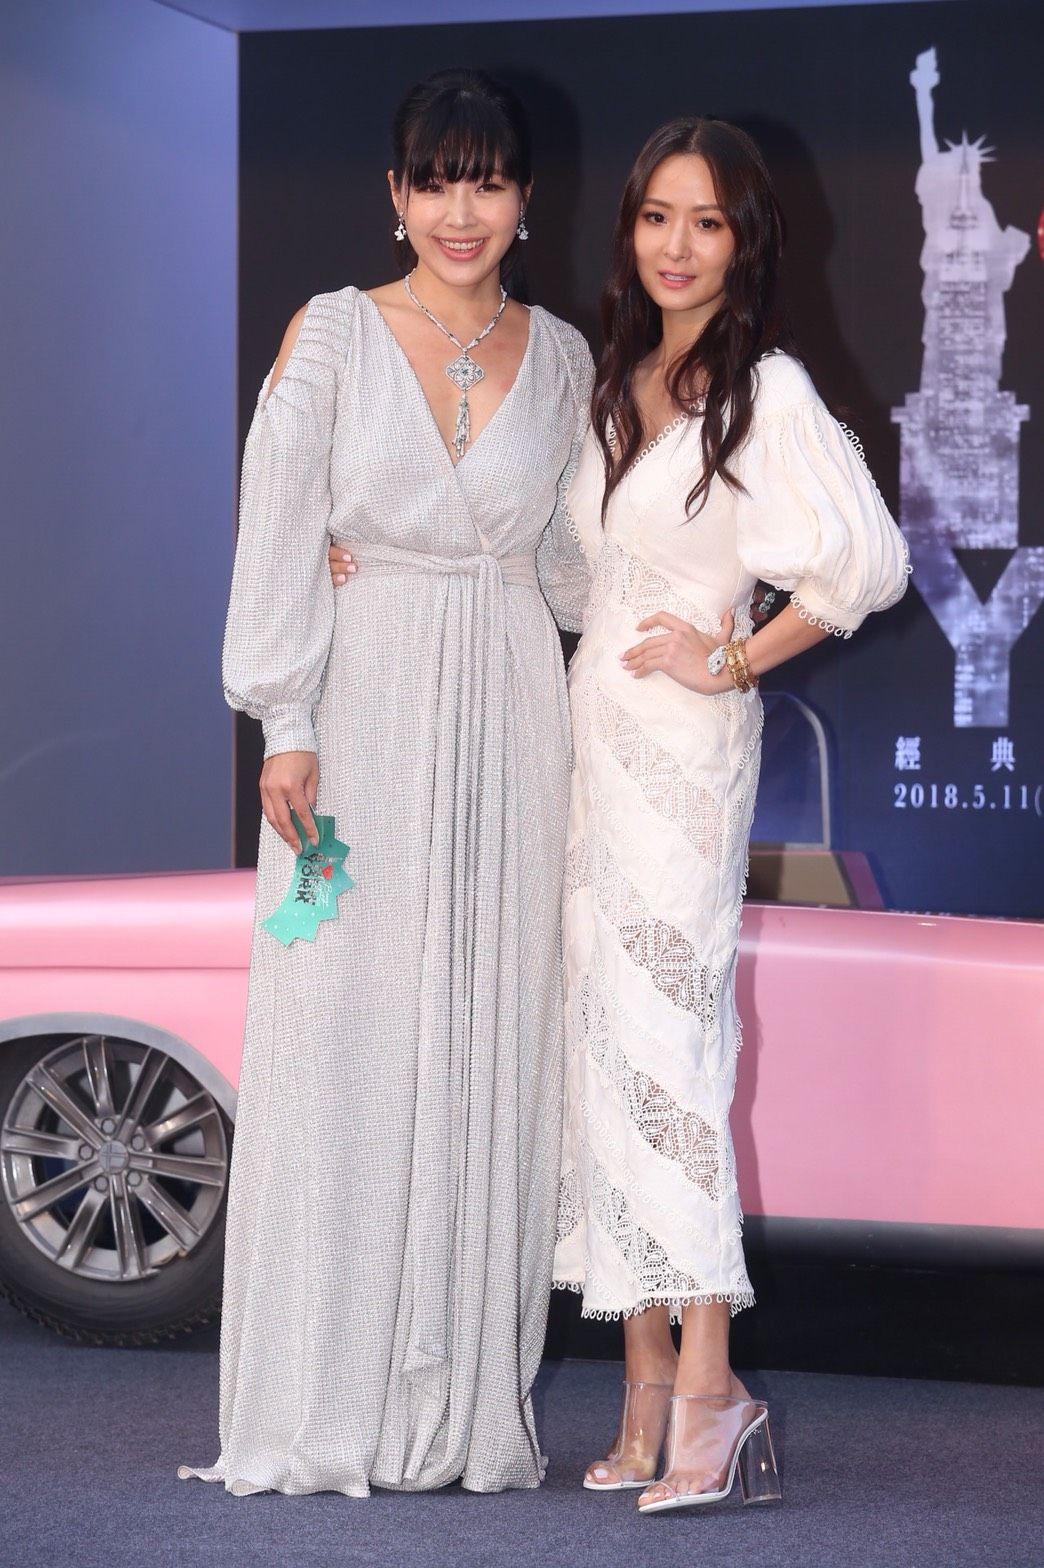 微風之夜廖曉喬(左)與孫芸芸紐約風連身低胸洋裝。(圖/記者蔡世偉攝影)